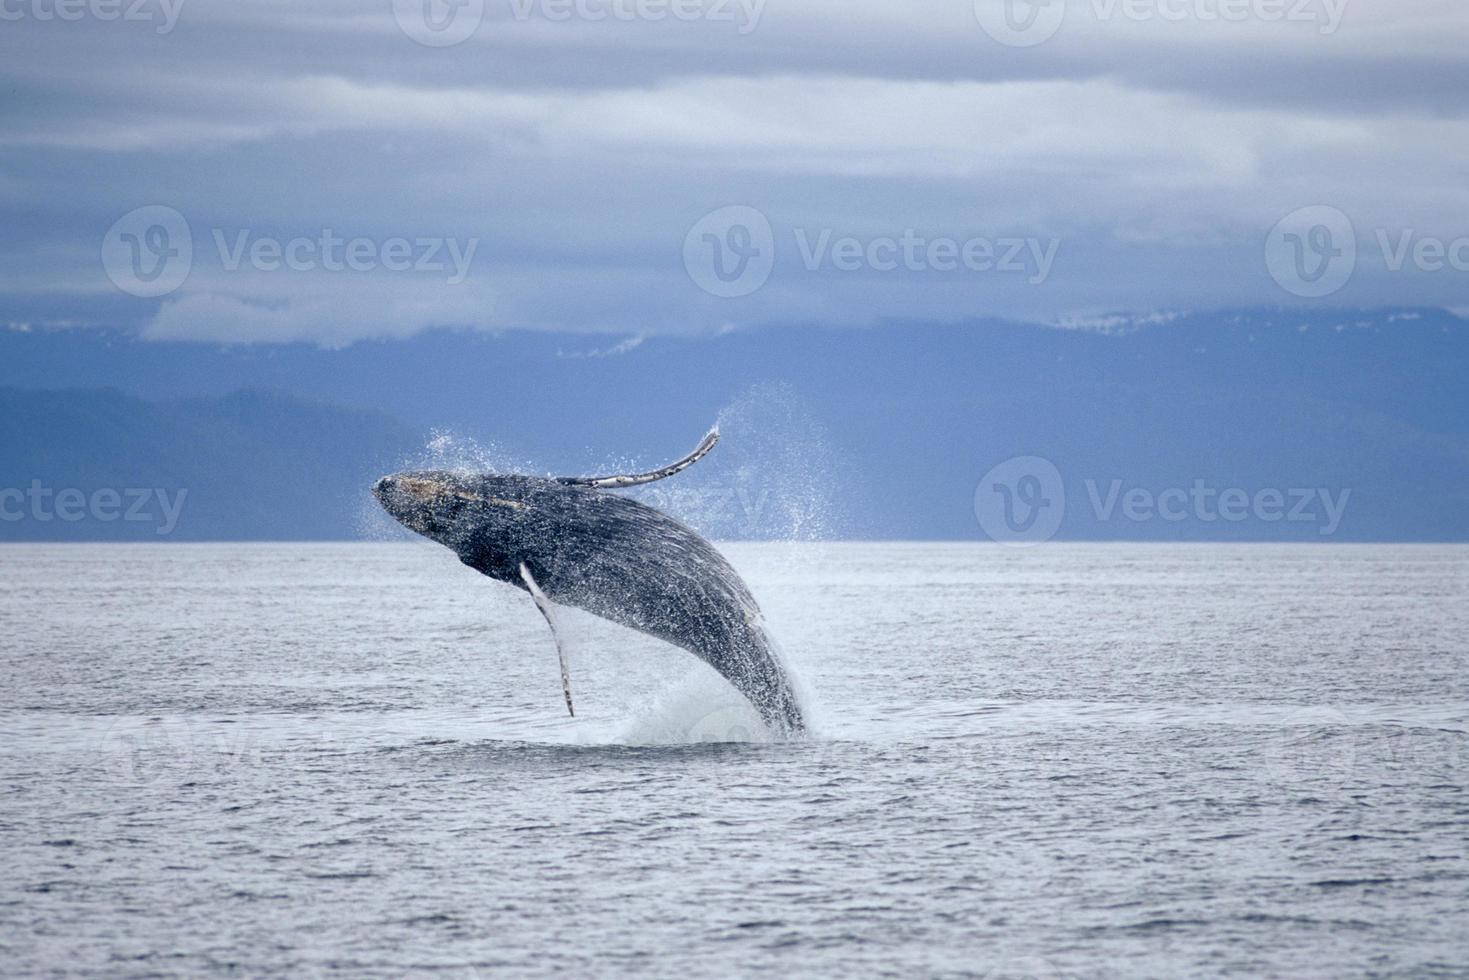 una ballena saltando sobre el océano foto